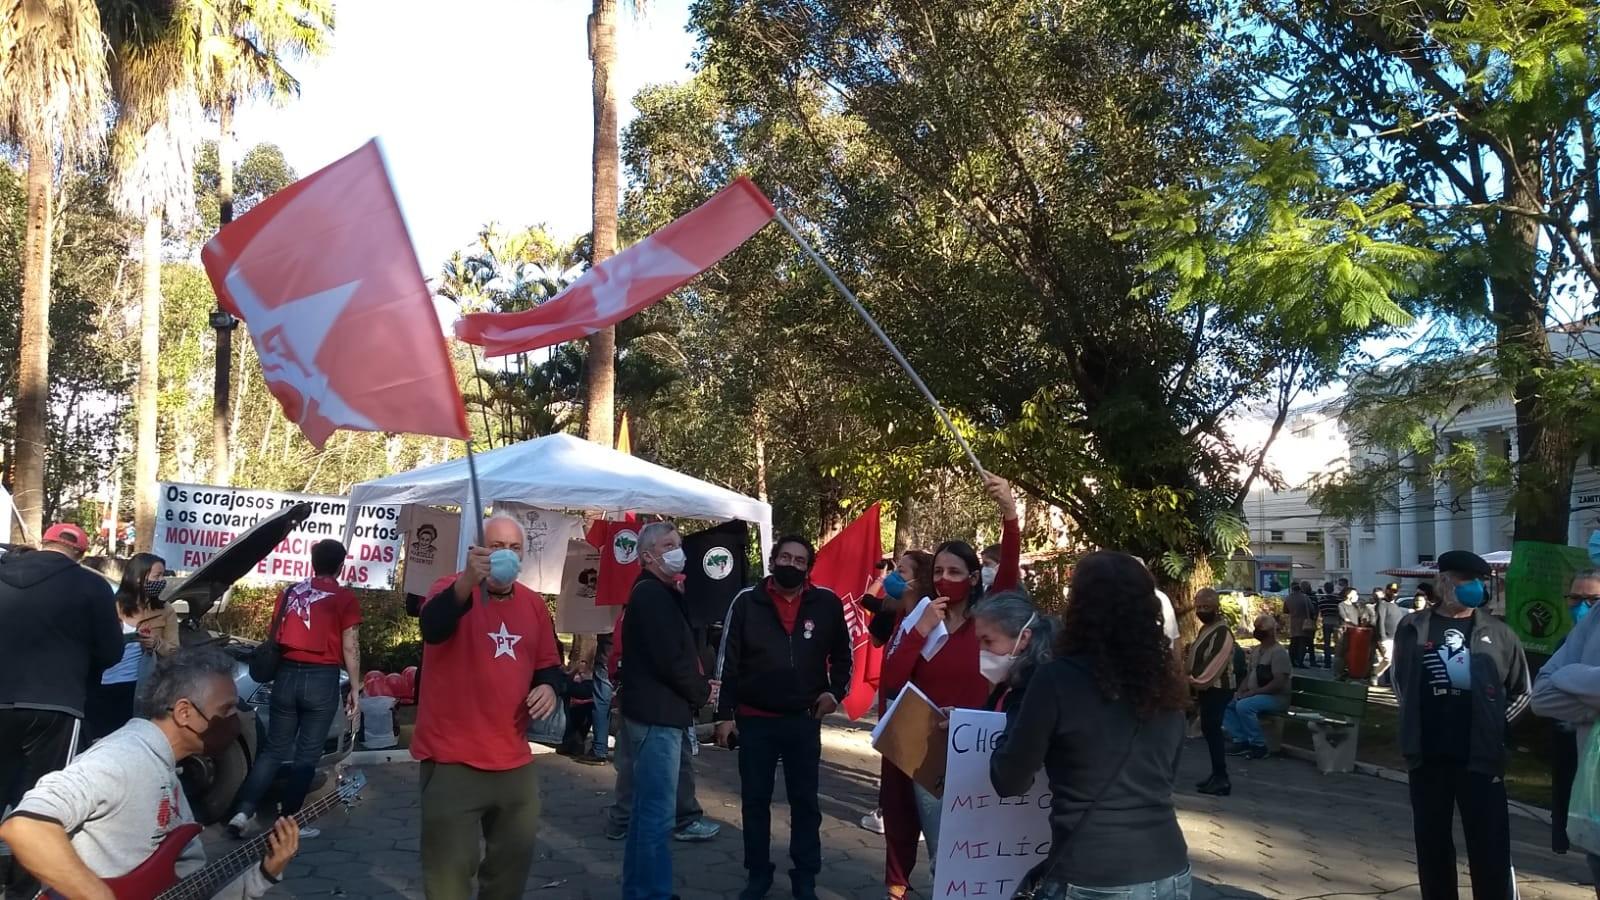 Ato contra o presidente Bolsonaro reúne manifestantes no centro de Nova Friburgo, RJ